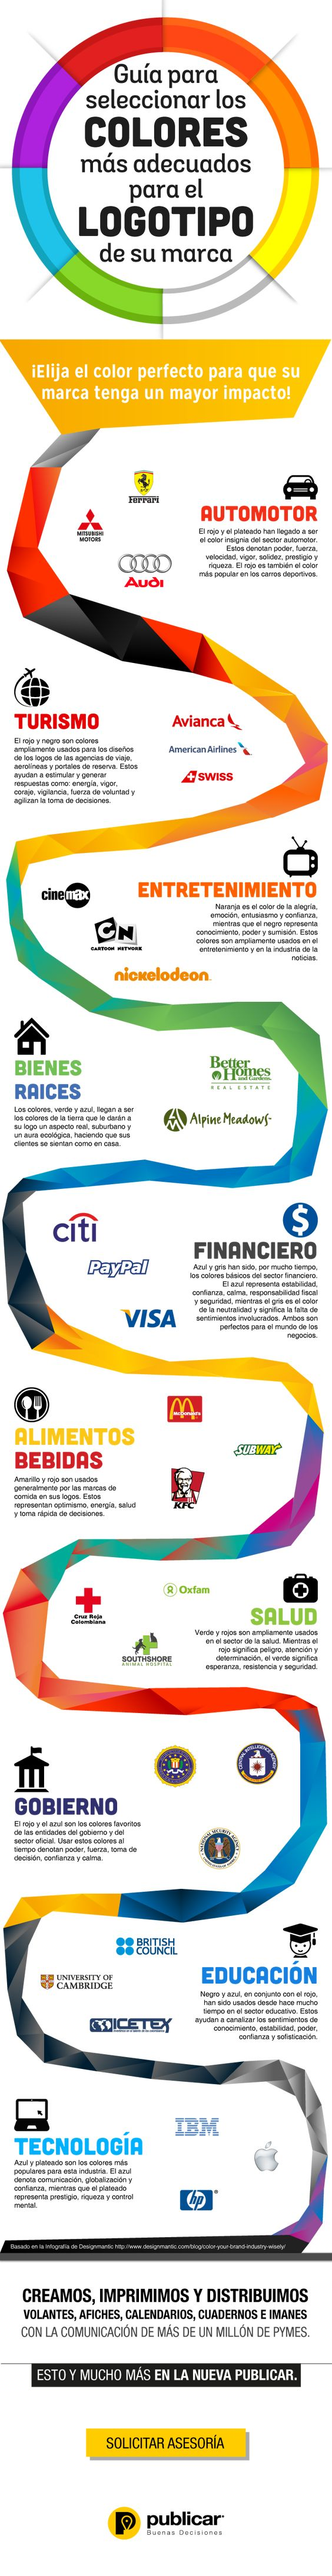 Guía para elegir el mejor color para el logotipo de tu marca #infografia #design #marketing